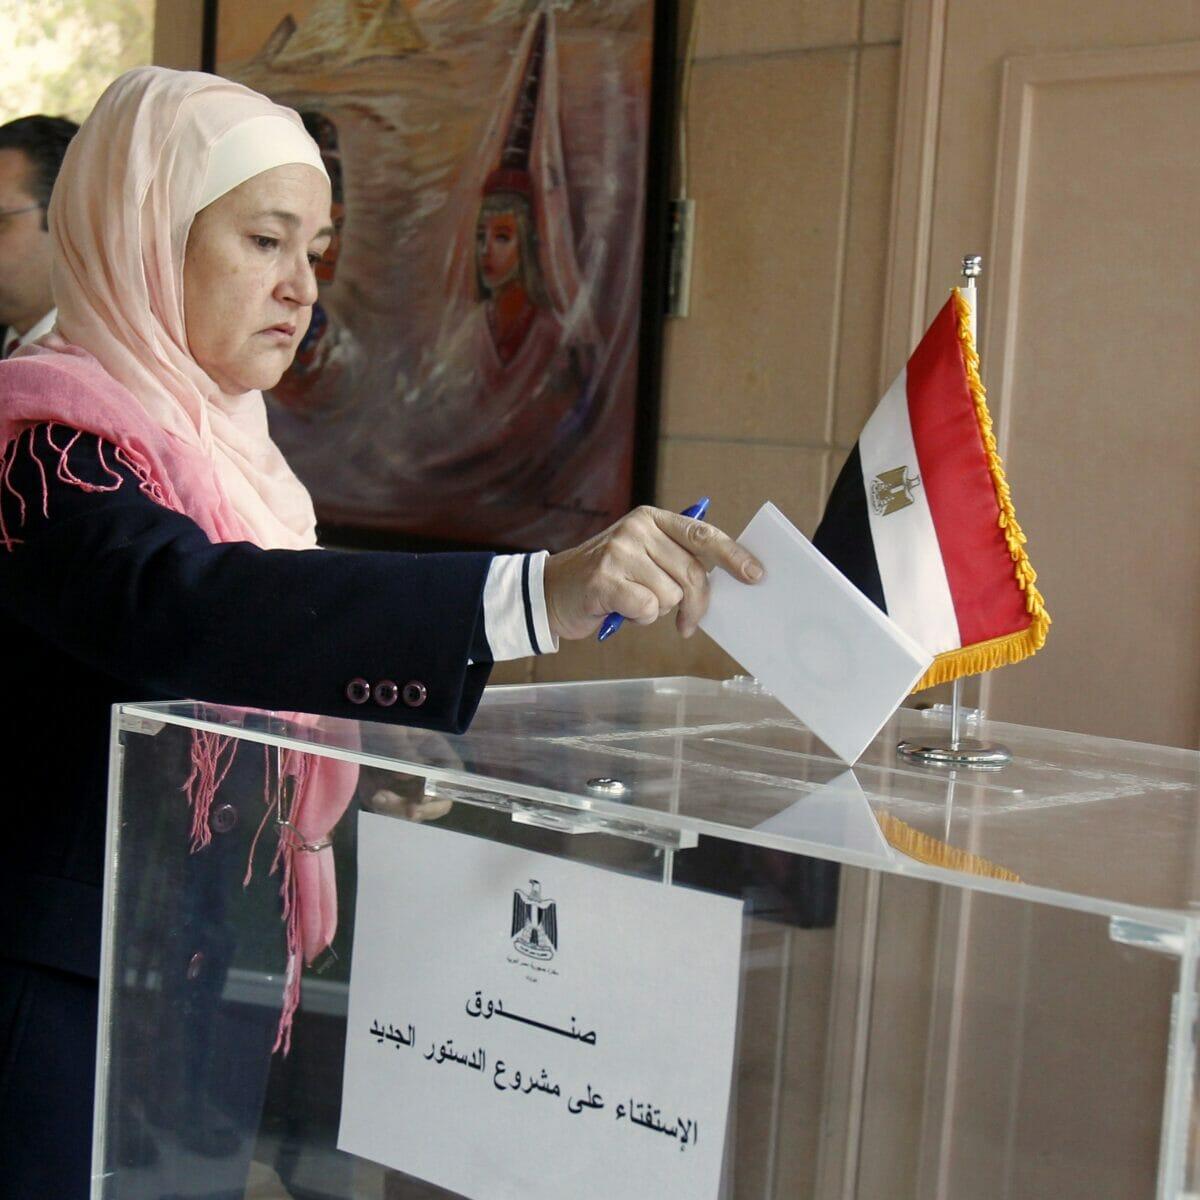 المشاركة في الاستفتاء على الدستور